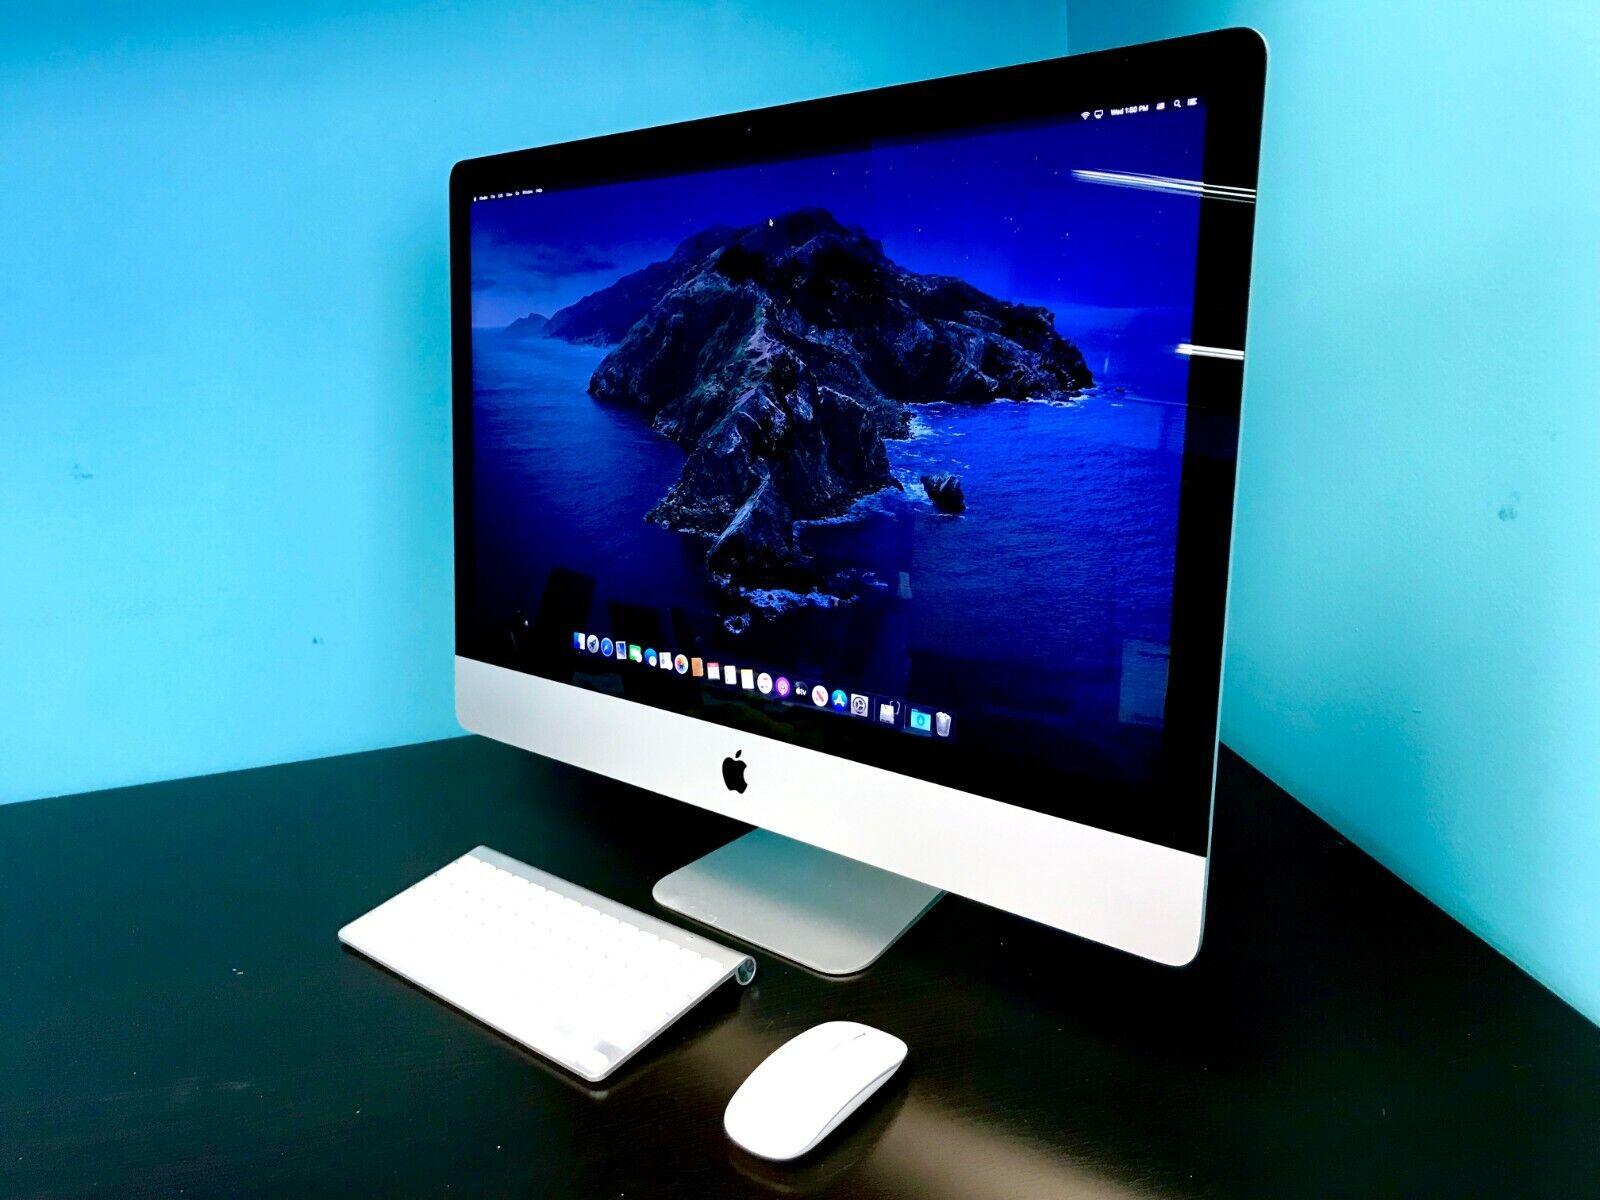 Apple iMac 27 Slim / CORE i7 3.9GHz / 3TB SSD / 32GB RAM / OS-2020 / WARRANTY. Buy it now for 1279.00